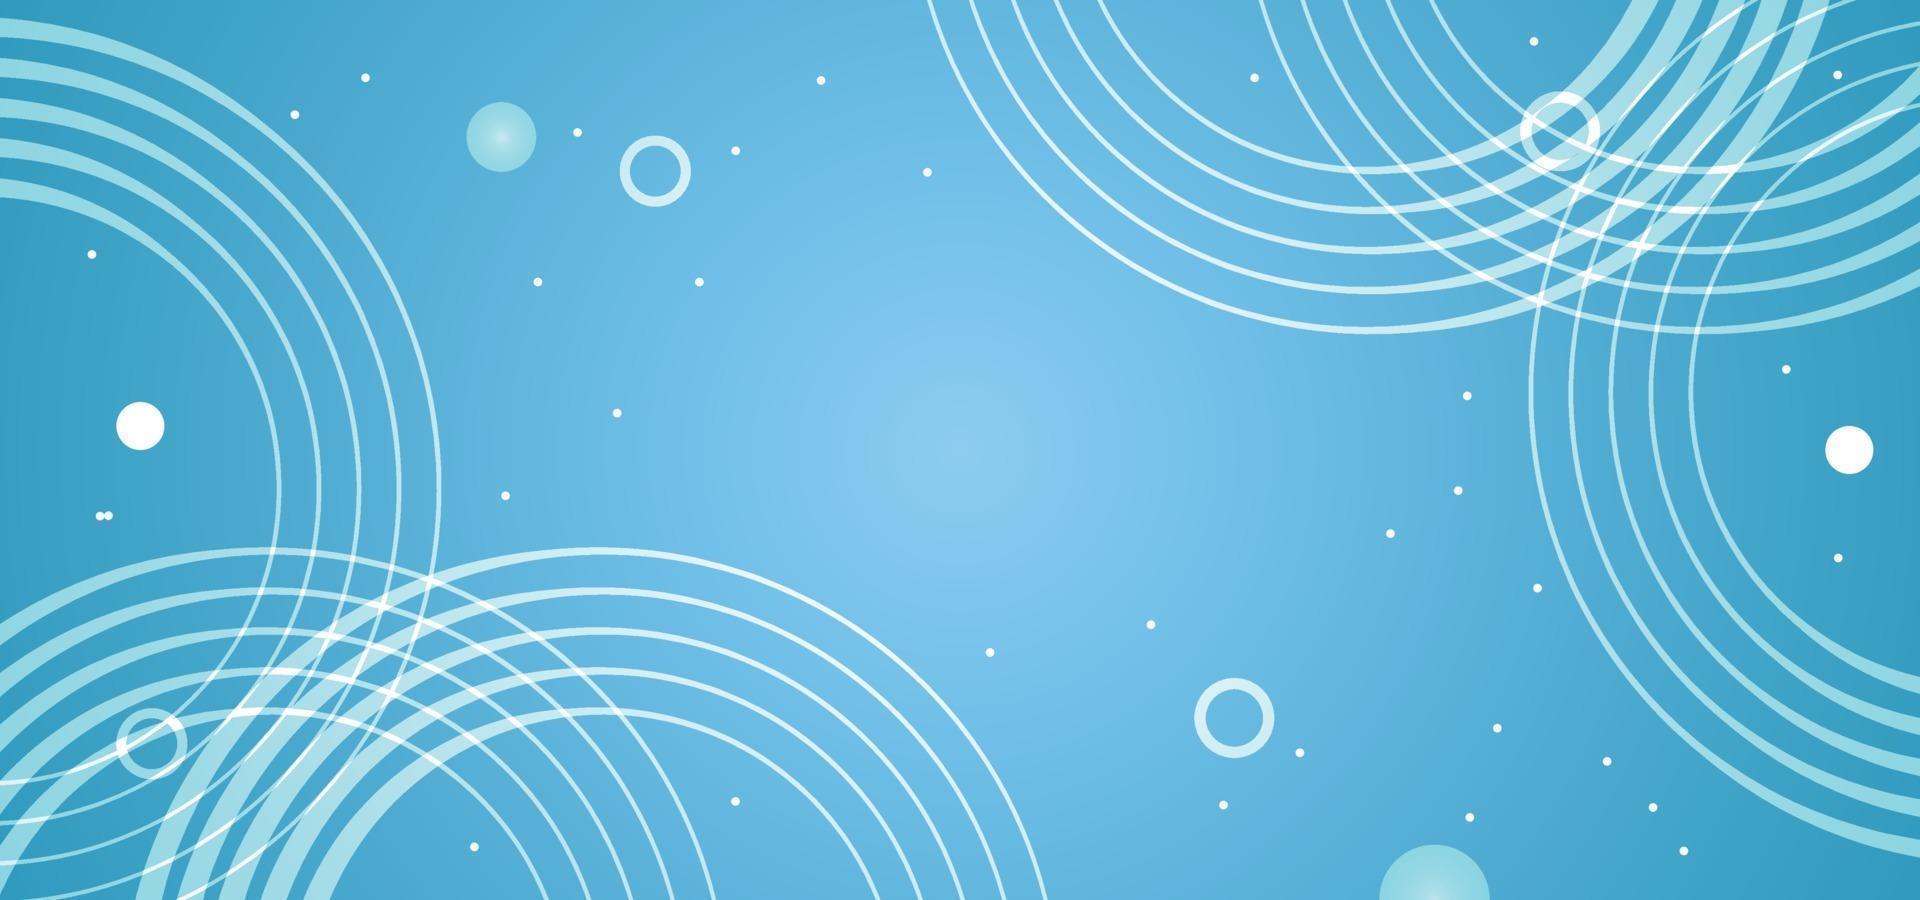 fond abstrait cercles bleus ou bannière vecteur